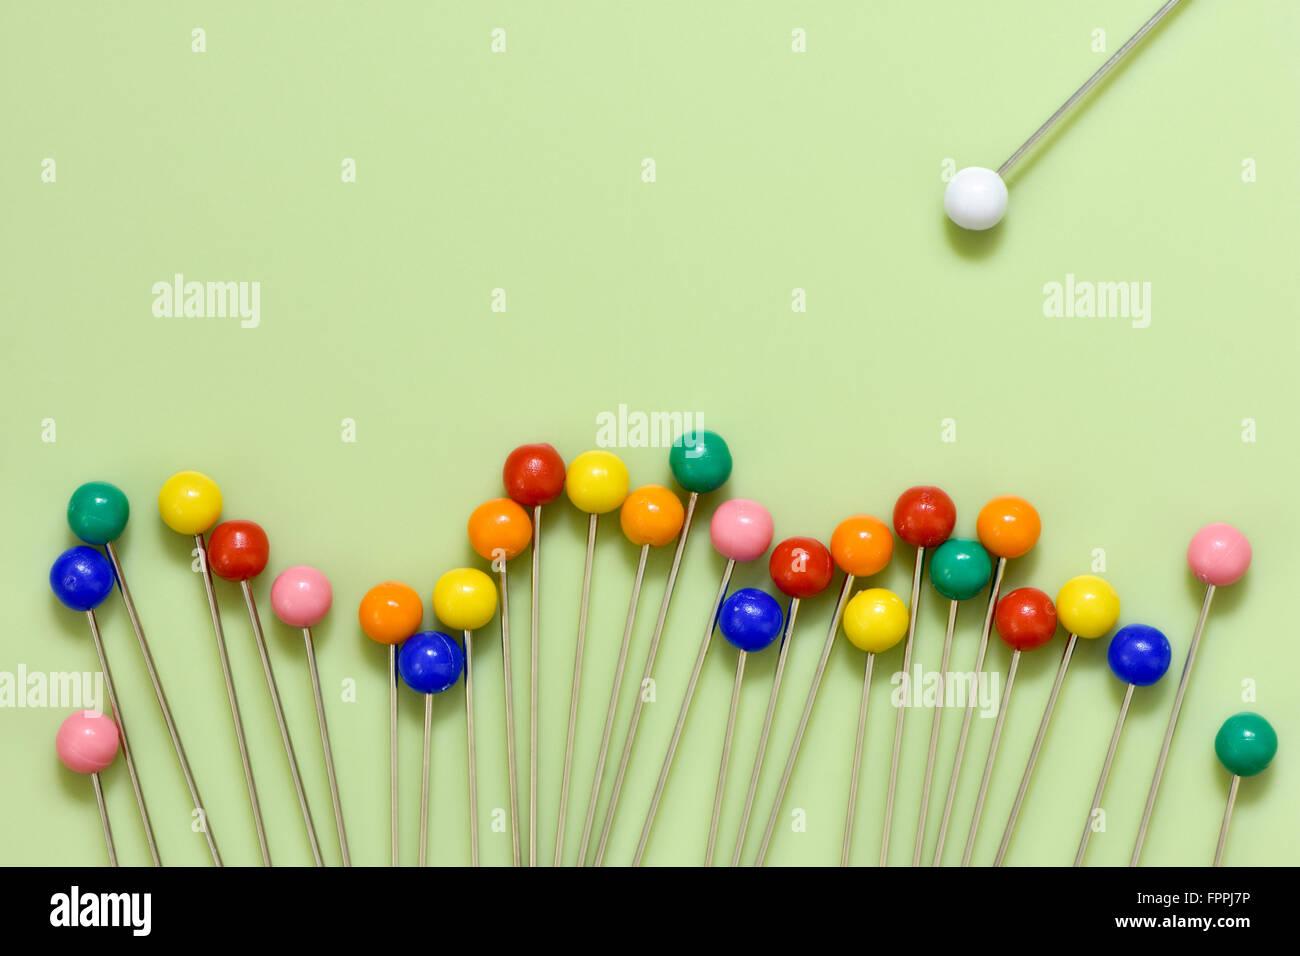 Bunte Beeren Pins auf grünem Hintergrund mit weißen Kuckucksei von selbst mit Konzept der Kuckucksei heraus Stockbild